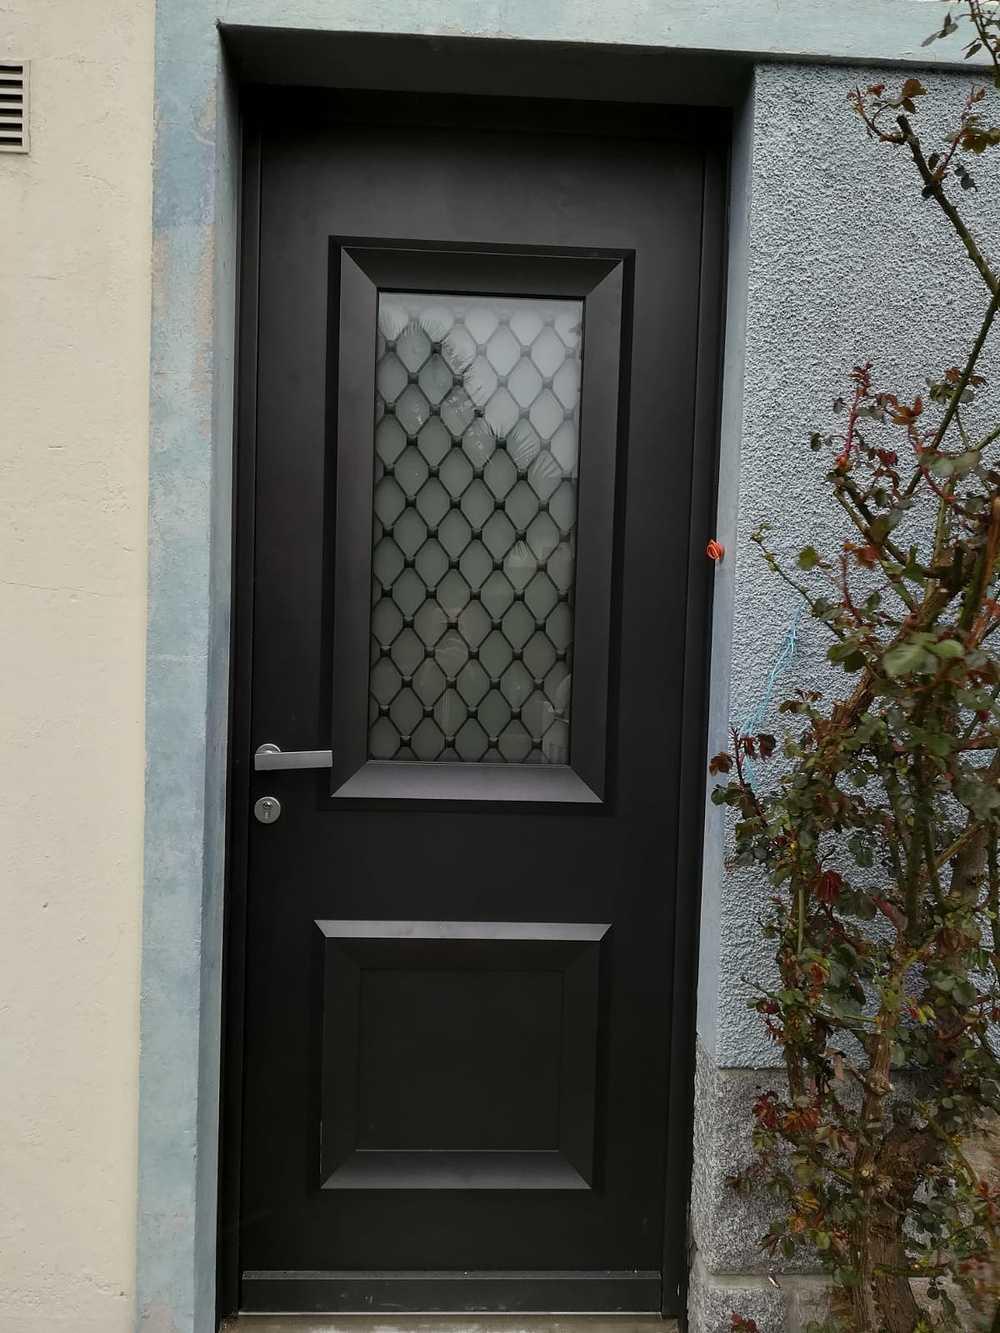 Rénovation porte d''entrée vitrée avec inclusion grille à l''ancienne 0